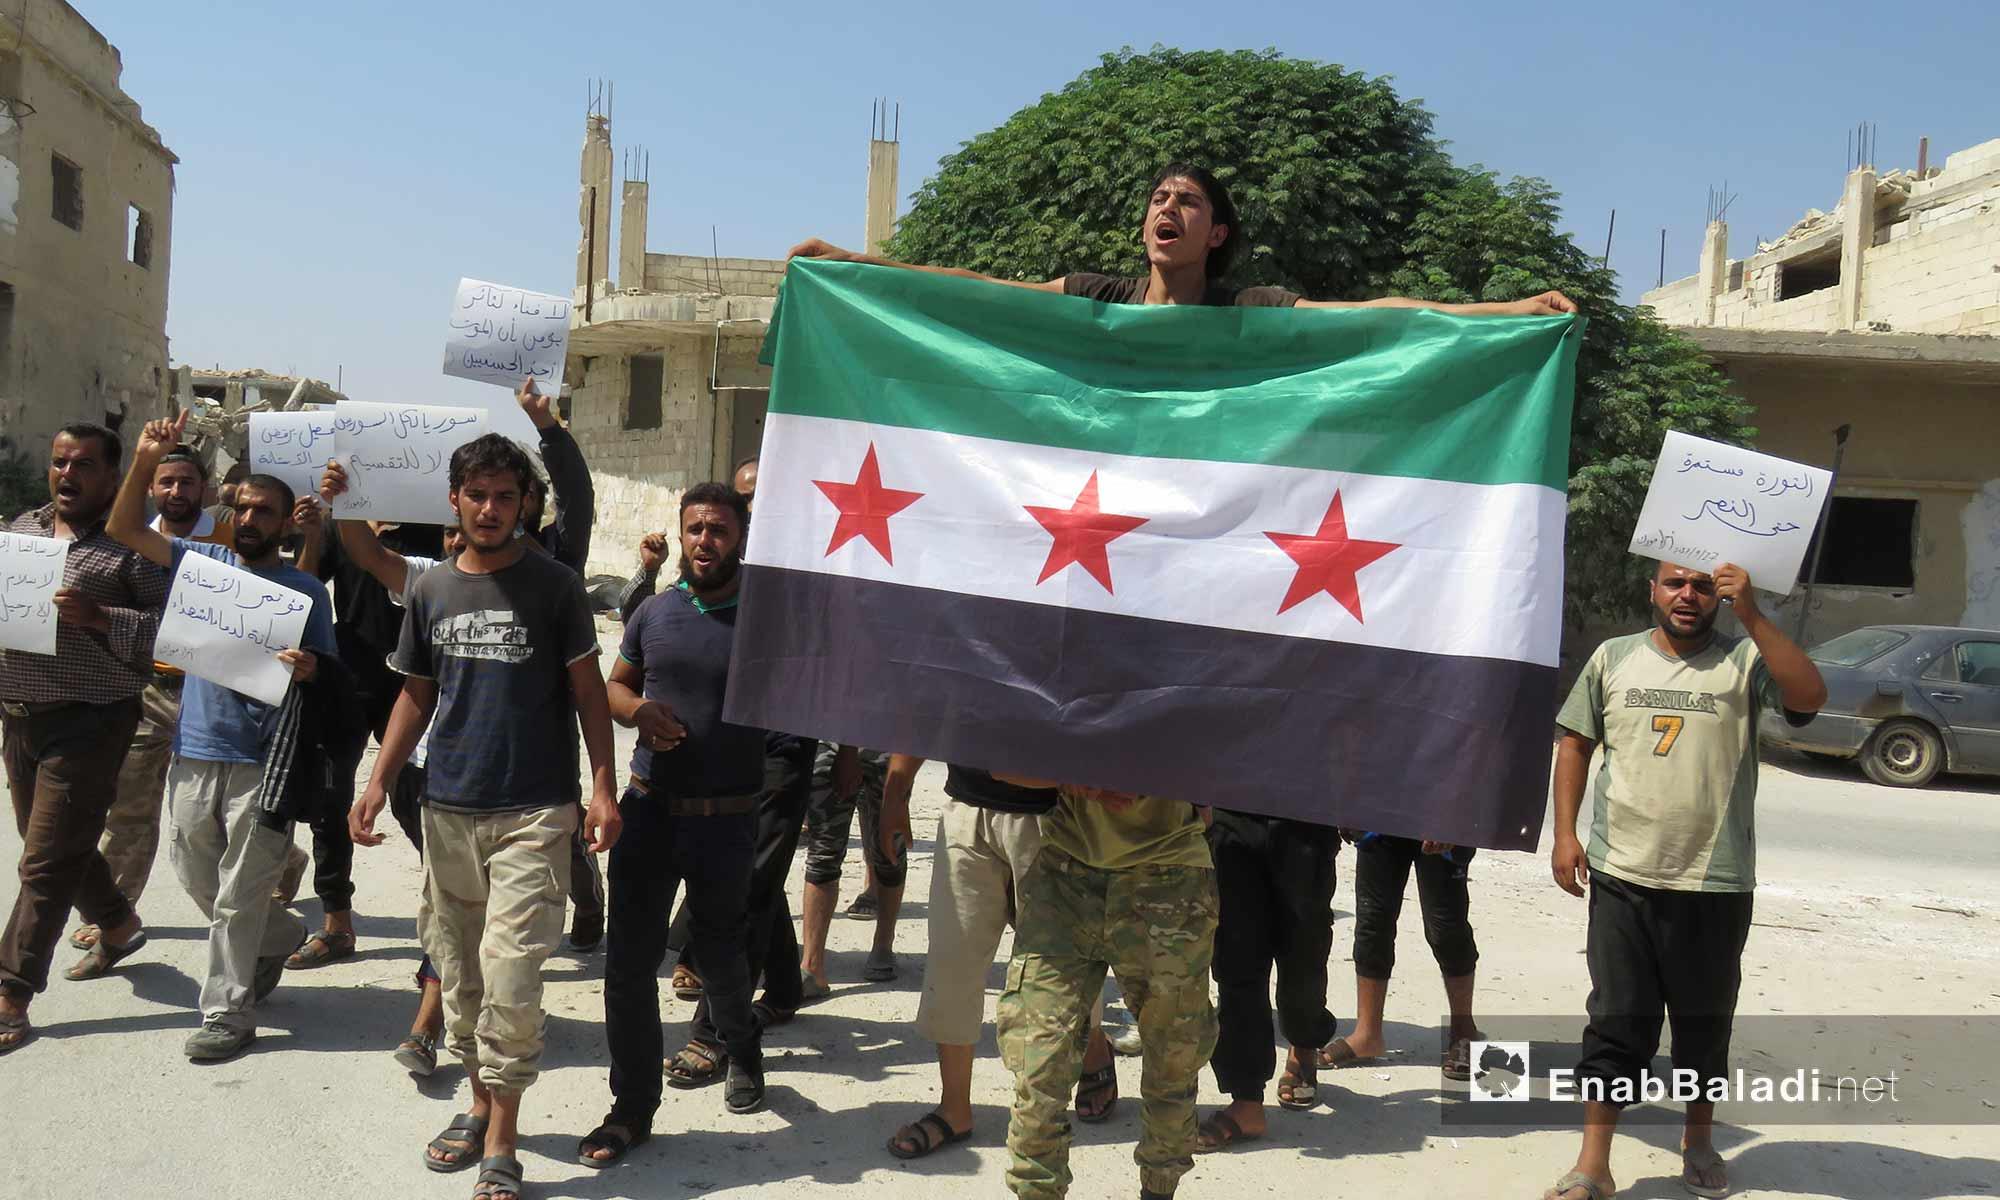 أهالي مورك في ريف حماة يتظاهرون رفضًا لقرارات أستانة المطالبة بإسقاط النظام السوري - 17 أيلول 2017 (عنب بلدي)